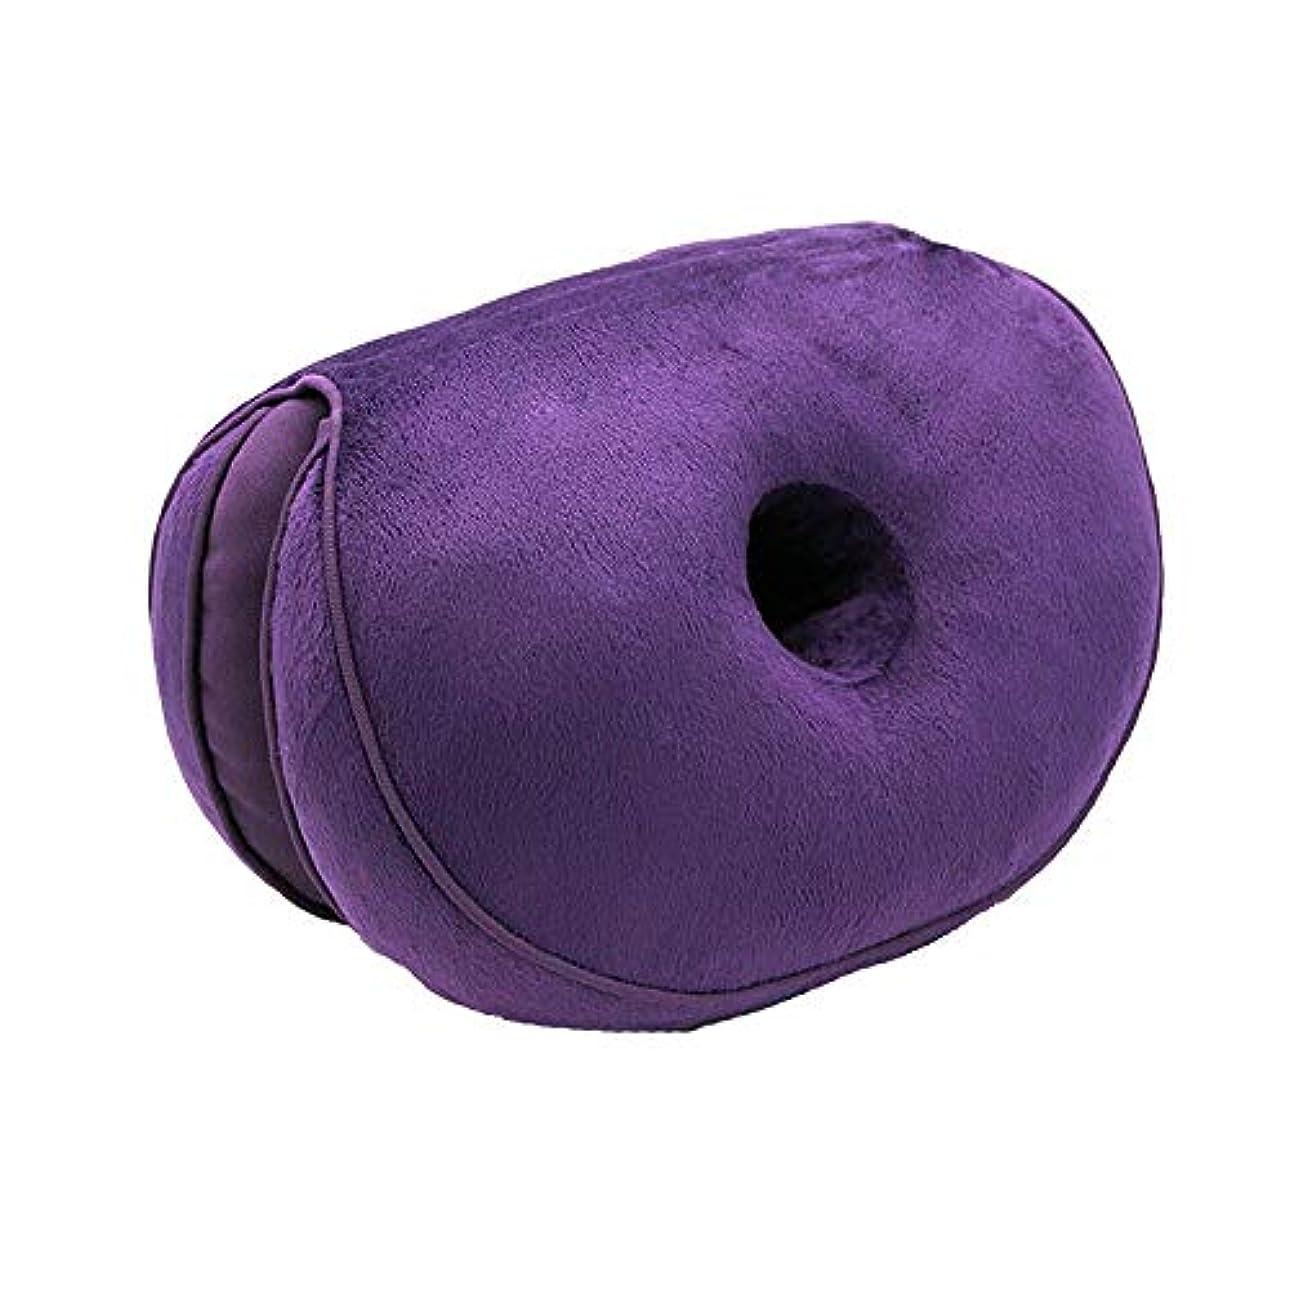 水陸両用いらいらする愛情深いLIFE2019 新デュアルシートクッション低反発ラテックスオフィスチェアバックシートクッション快適な臀部マットパッド枕旅行枕女性女の子クッション 椅子